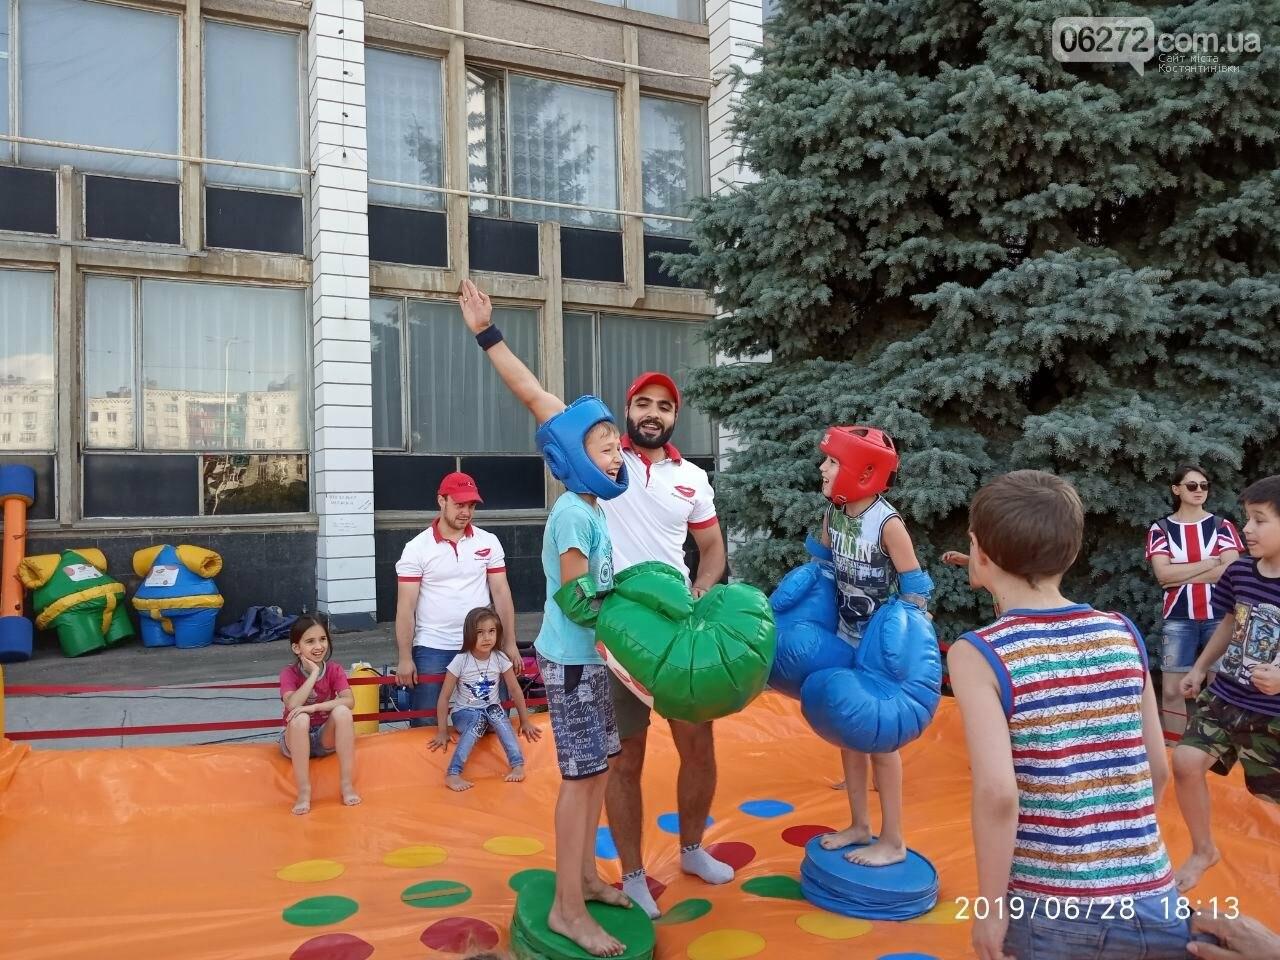 Сім'я із Костянтинівки стала найспортивнішою в Донецькій області, фото-3